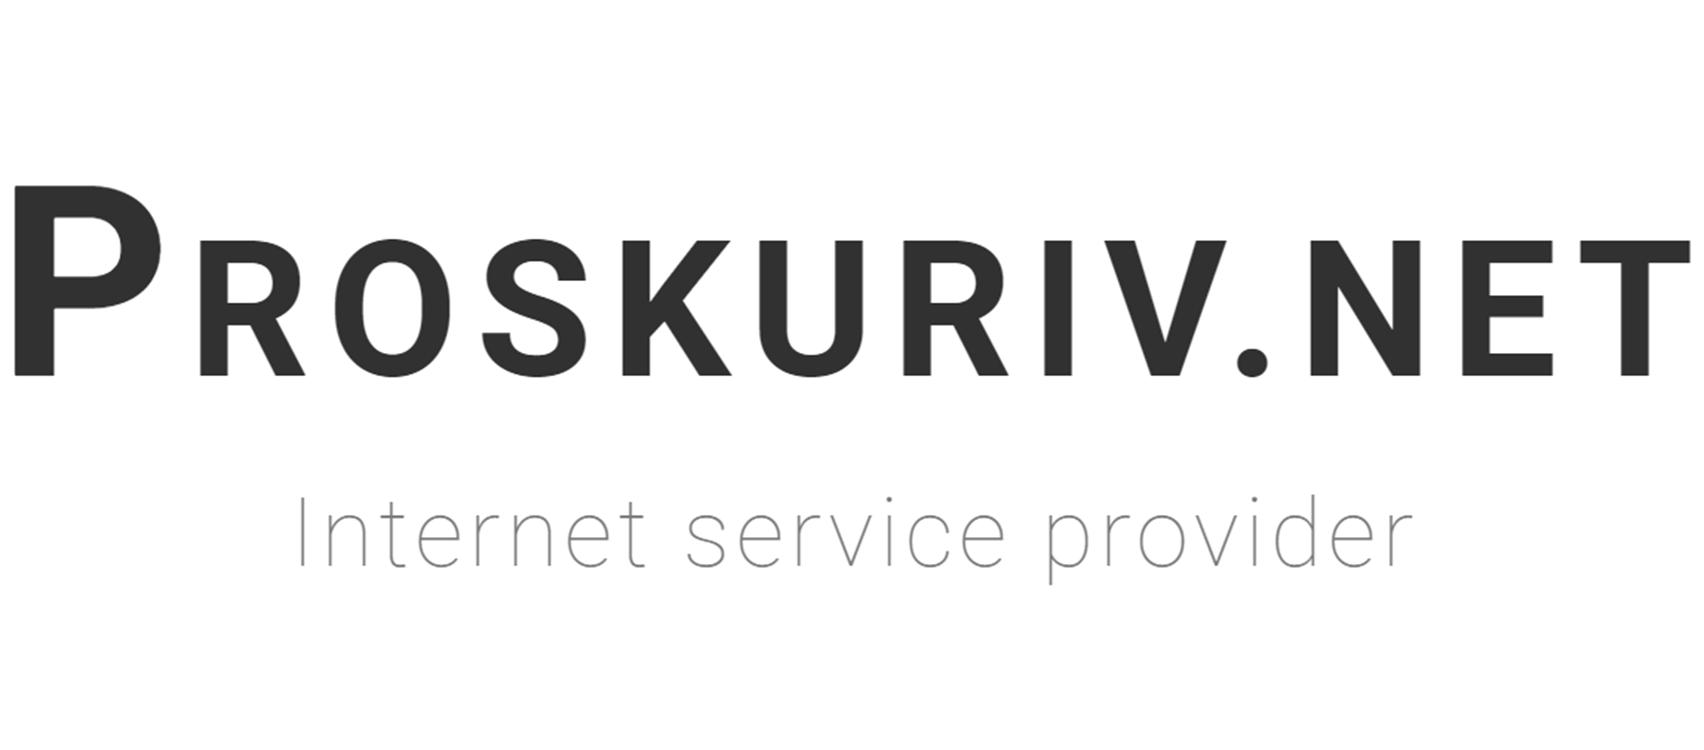 Proskuriv.net